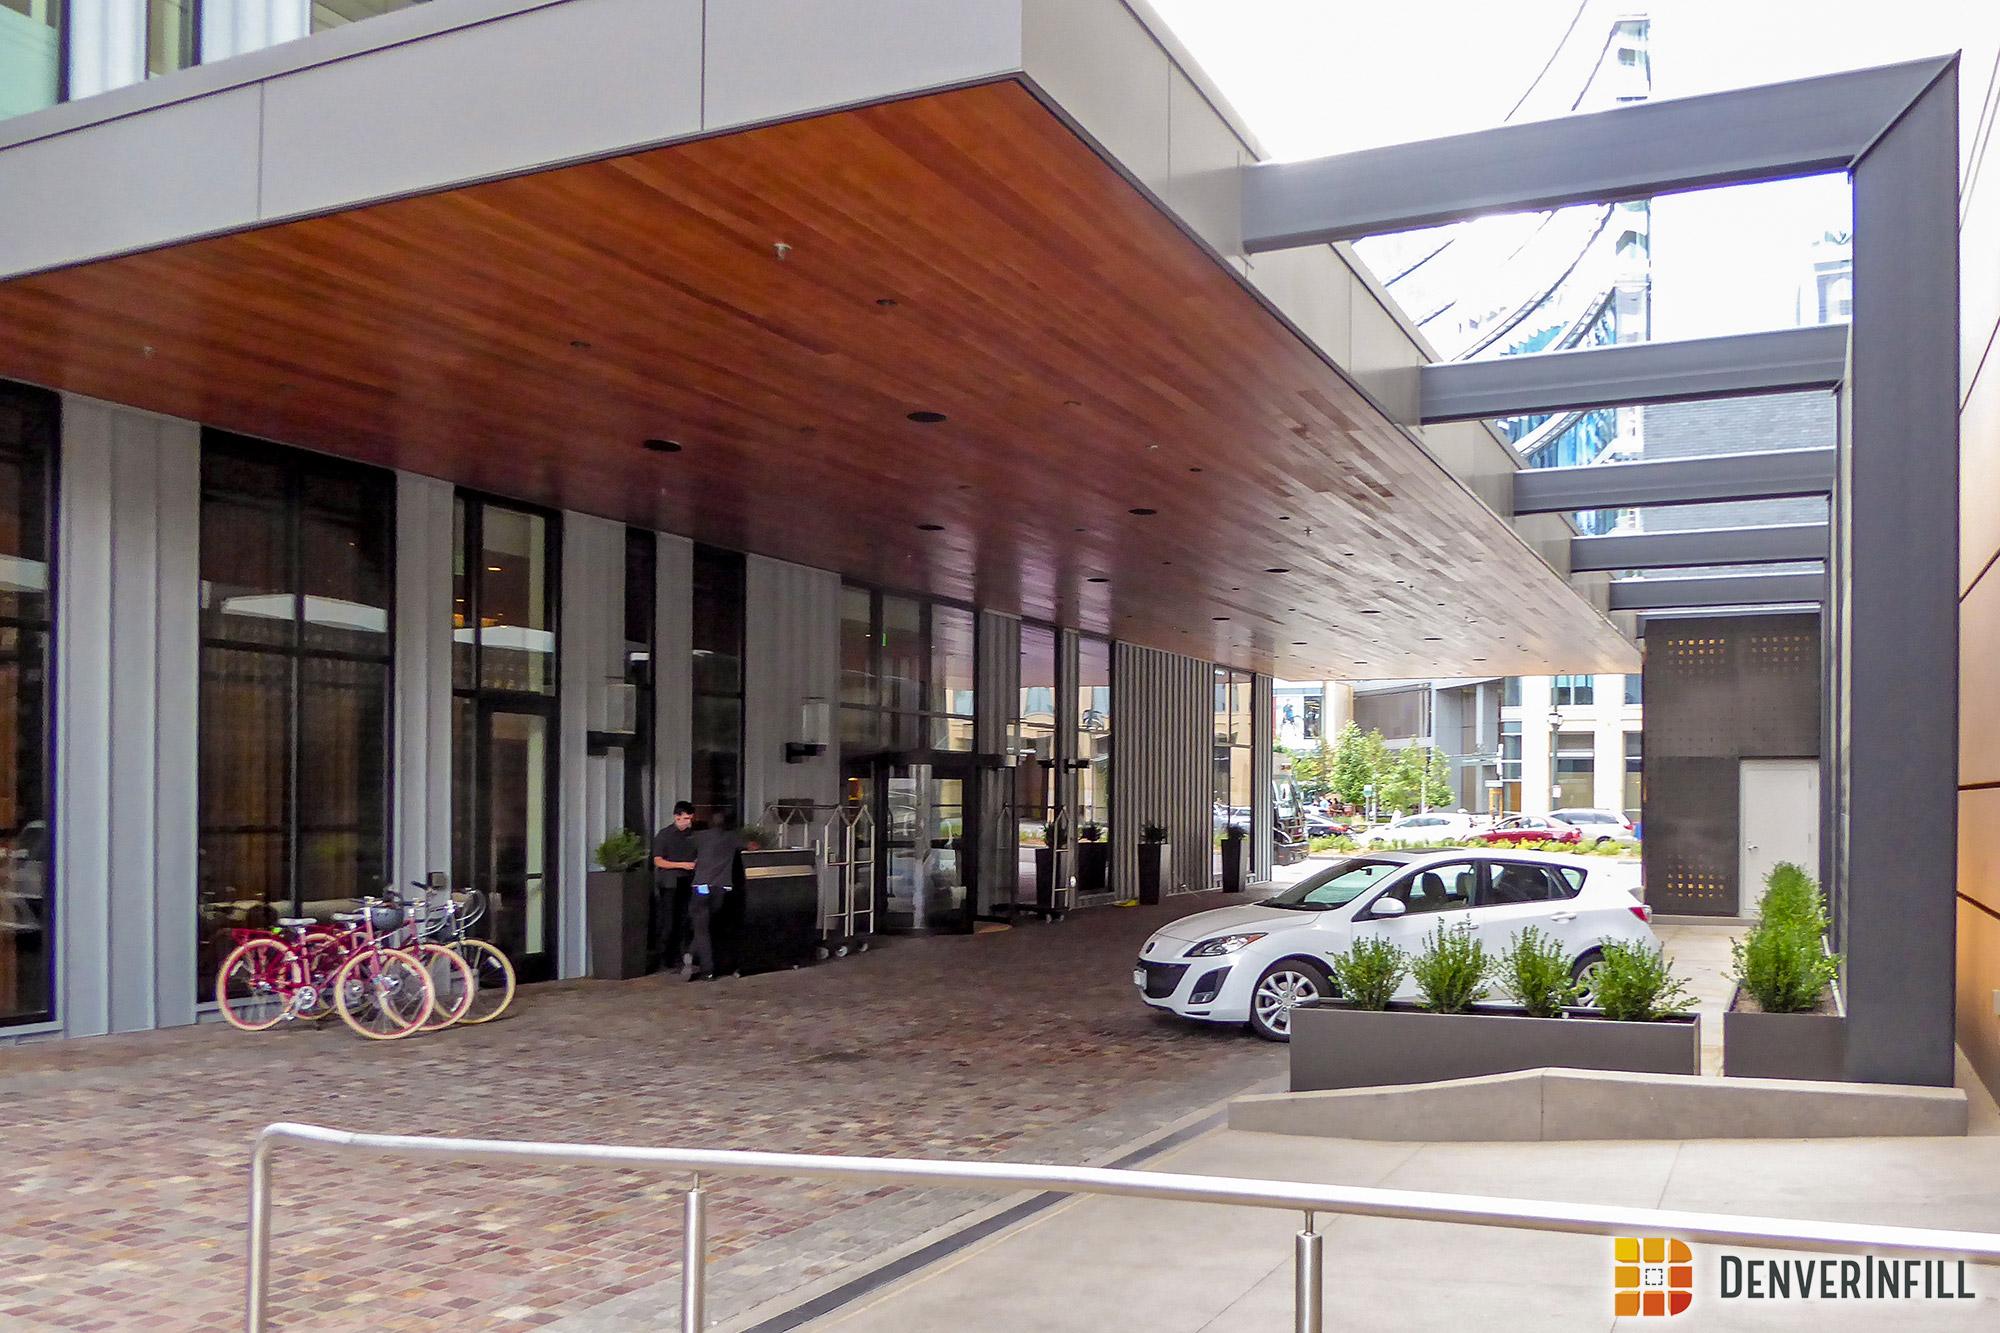 Hotel Born pedestrian access via the porte cochère